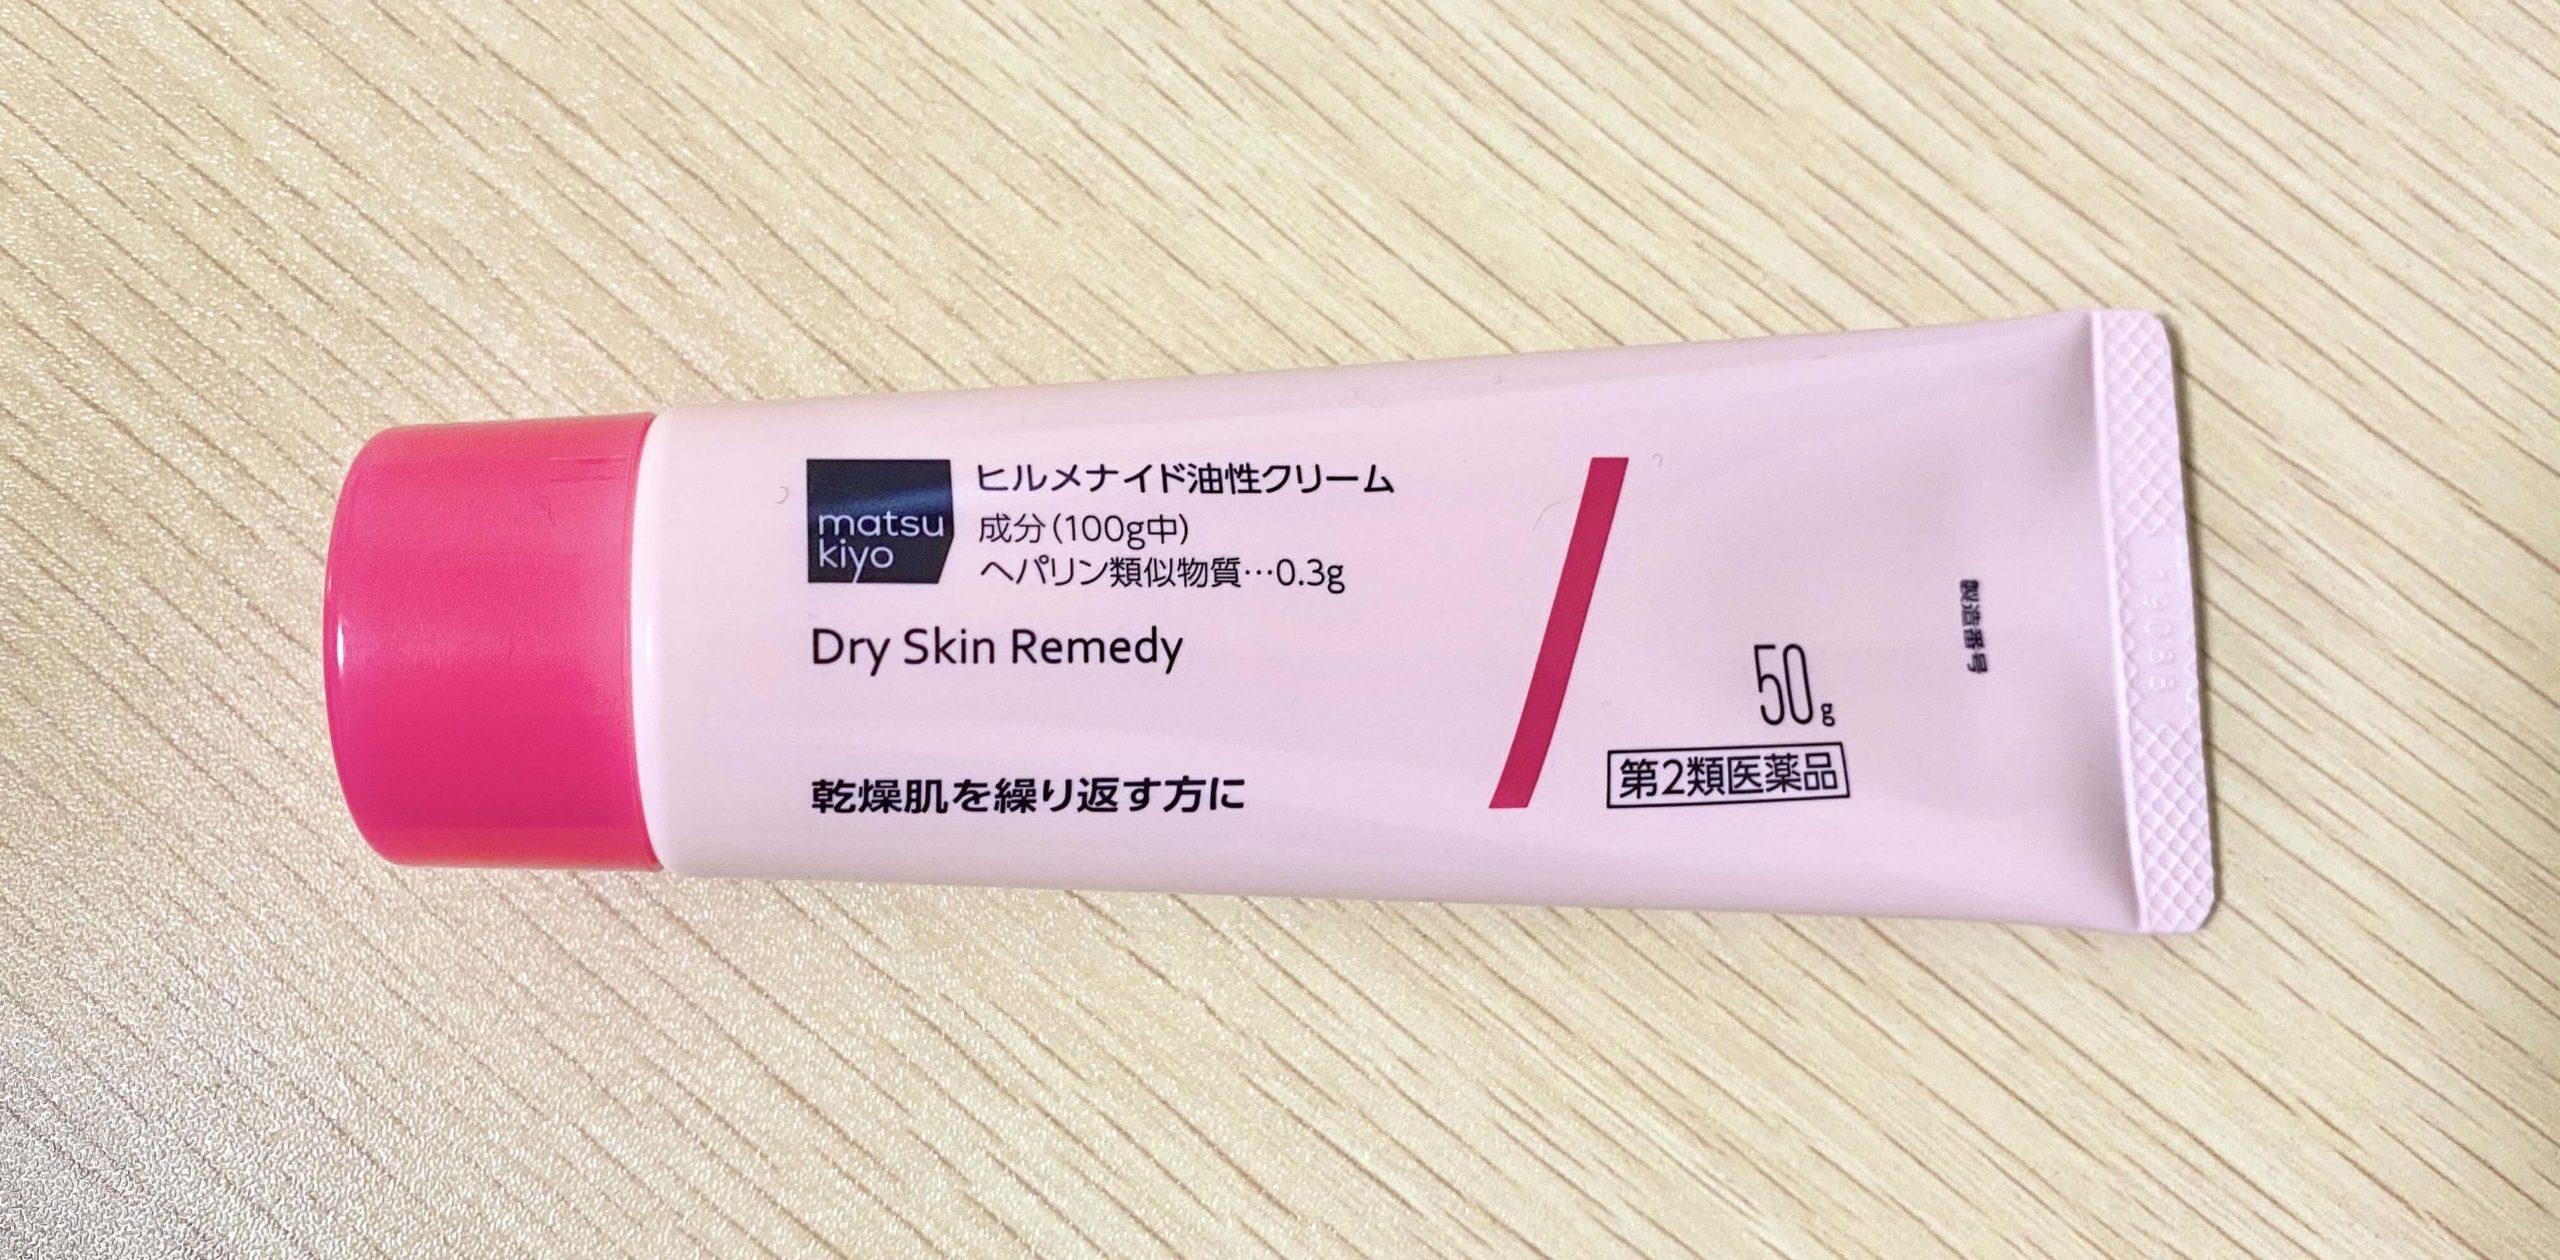 ヒルメナイド油性クリームの使用感